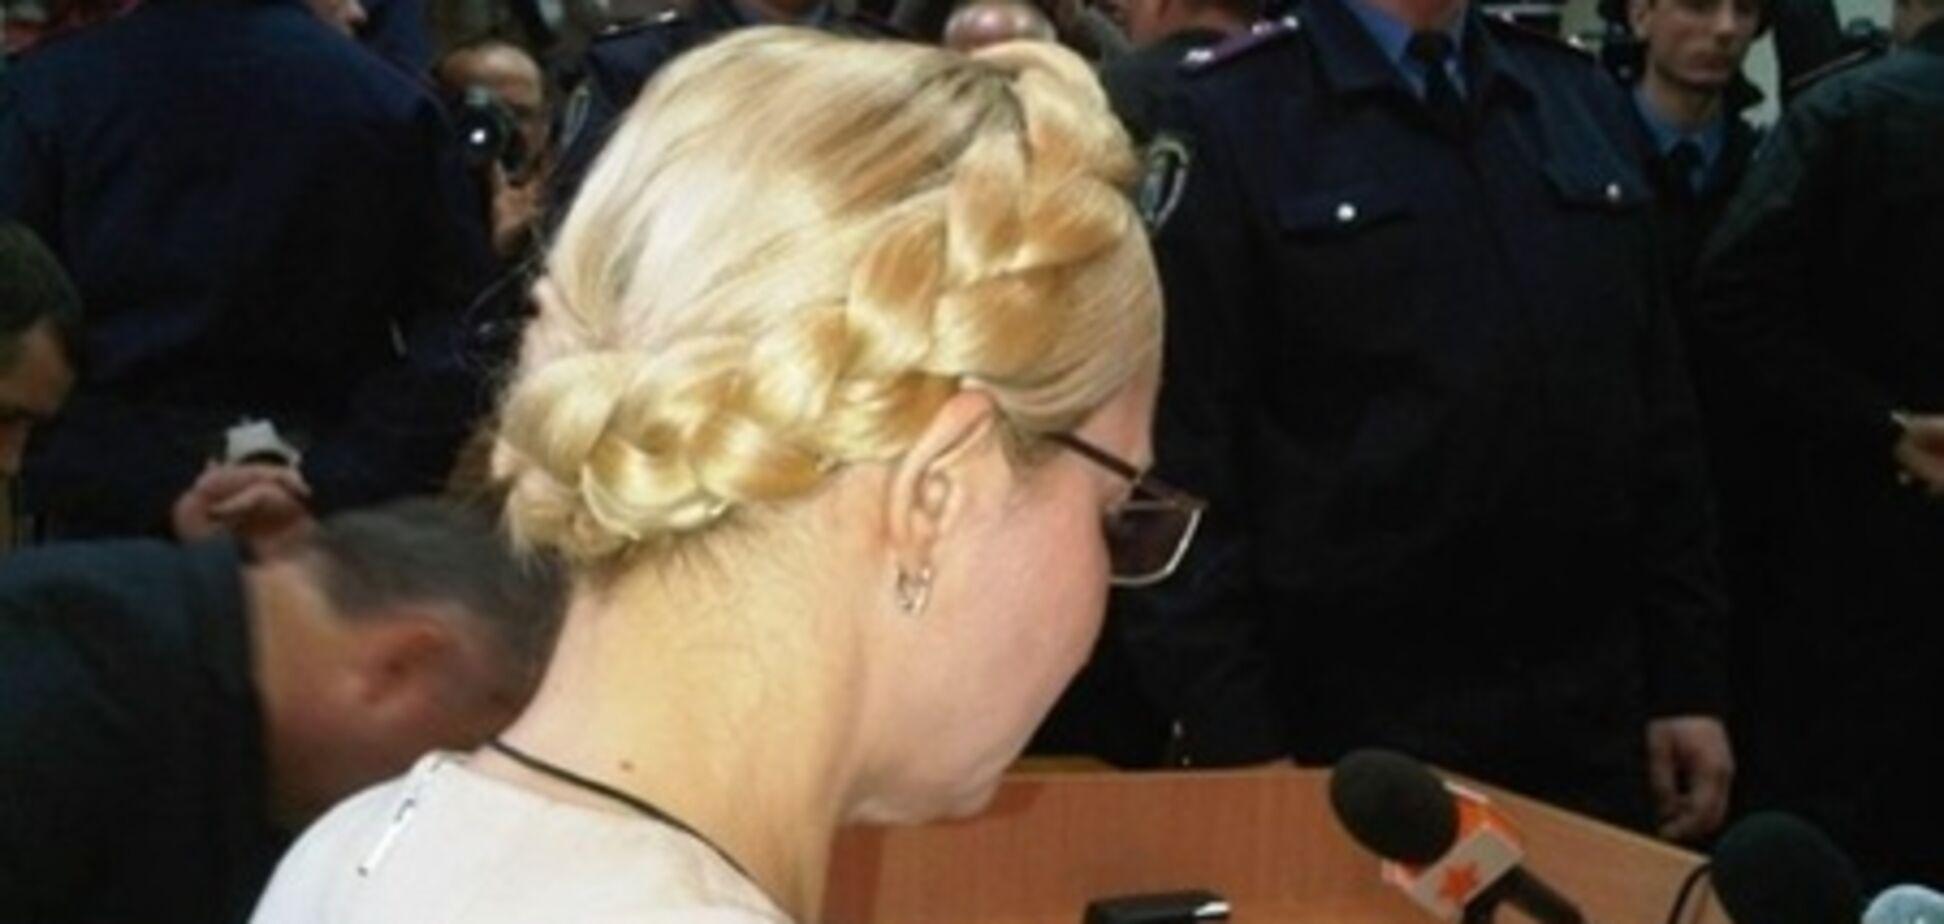 Сенсацій у справі Тимошенко не буде, її не відпустять - експерт